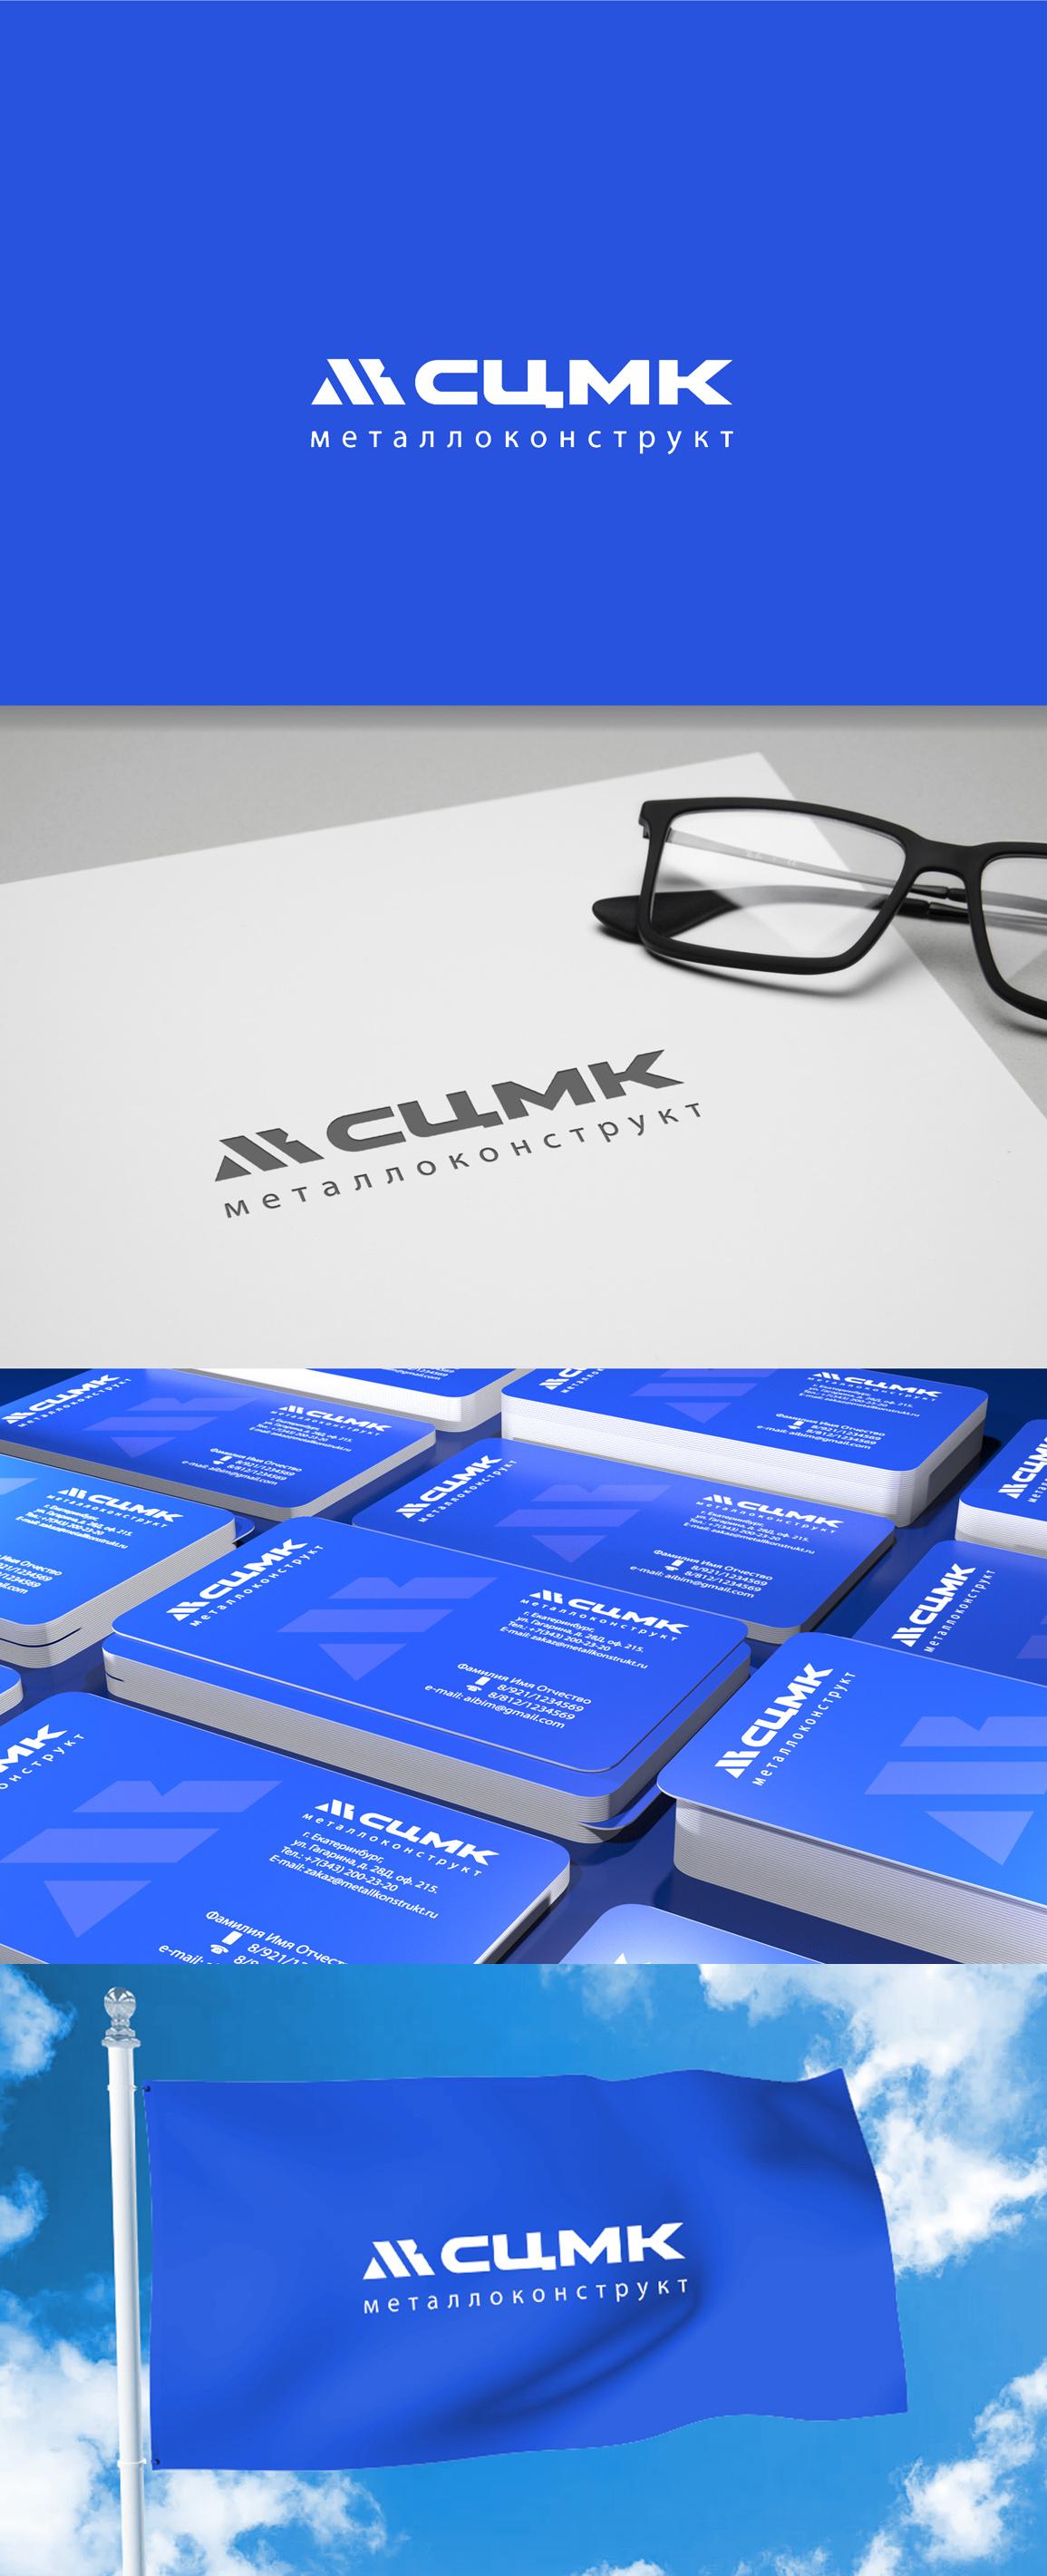 Разработка логотипа и фирменного стиля фото f_4925adf086bc45fe.jpg